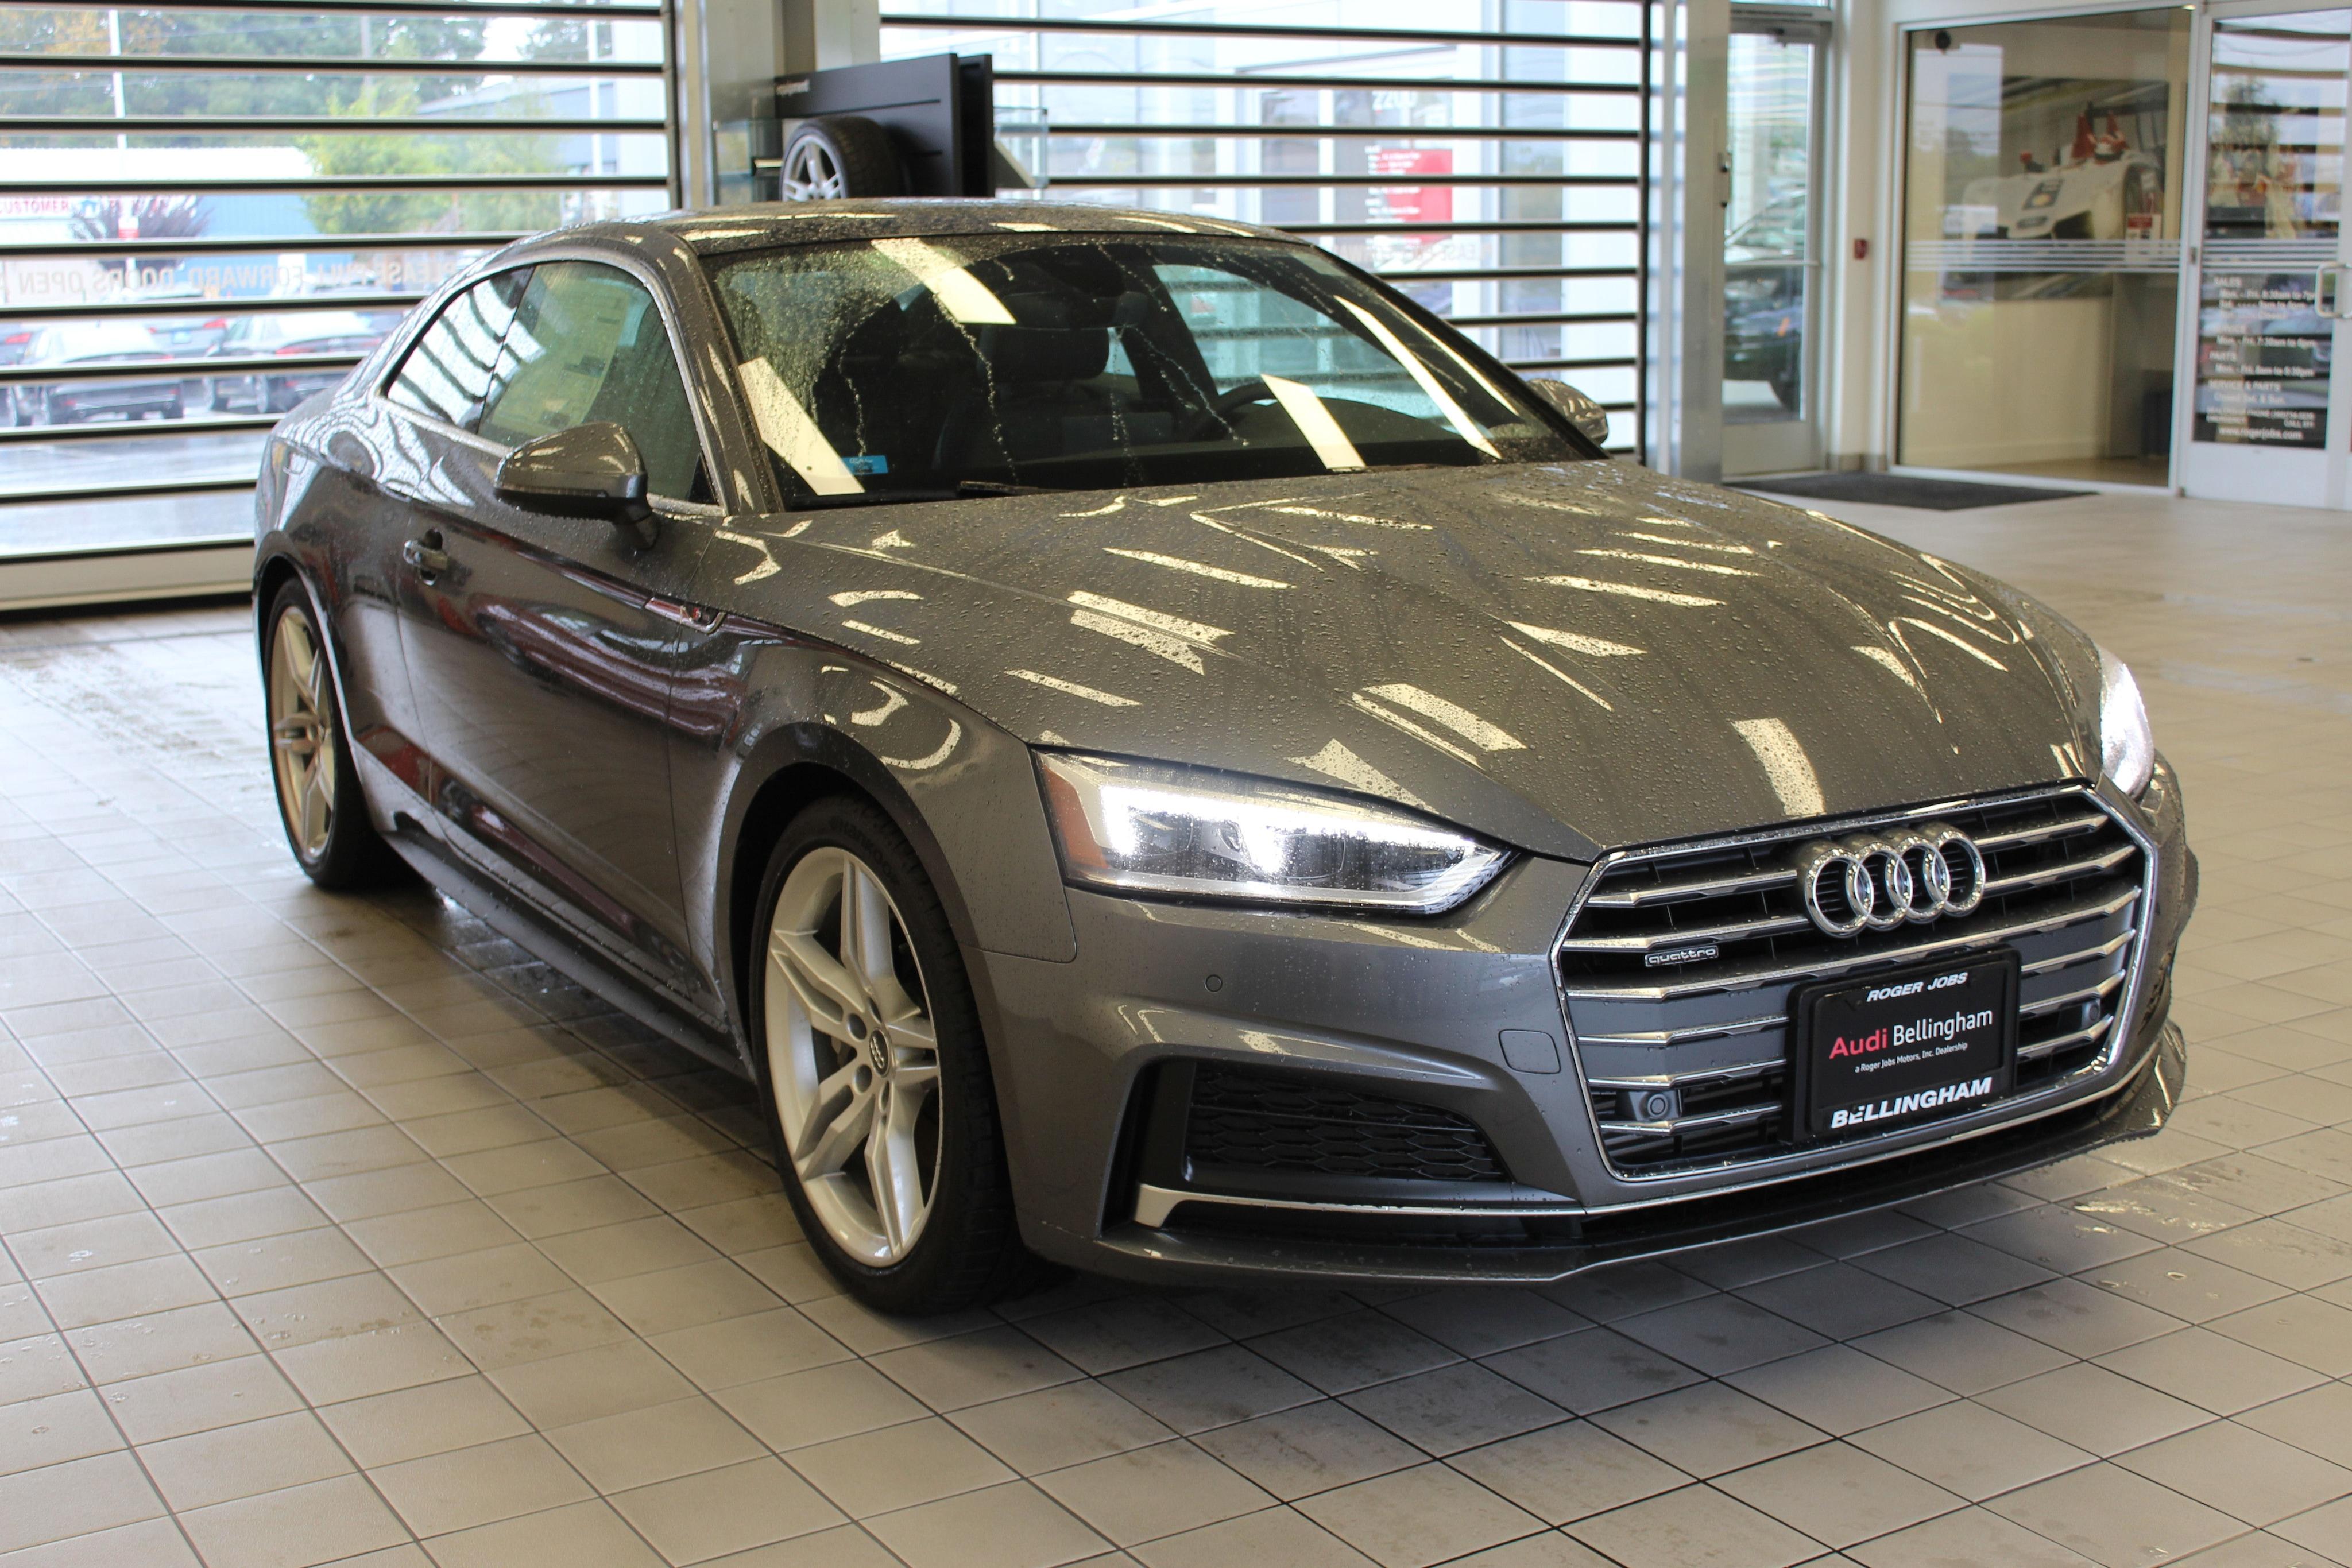 Audi A5 in Bellingham WA